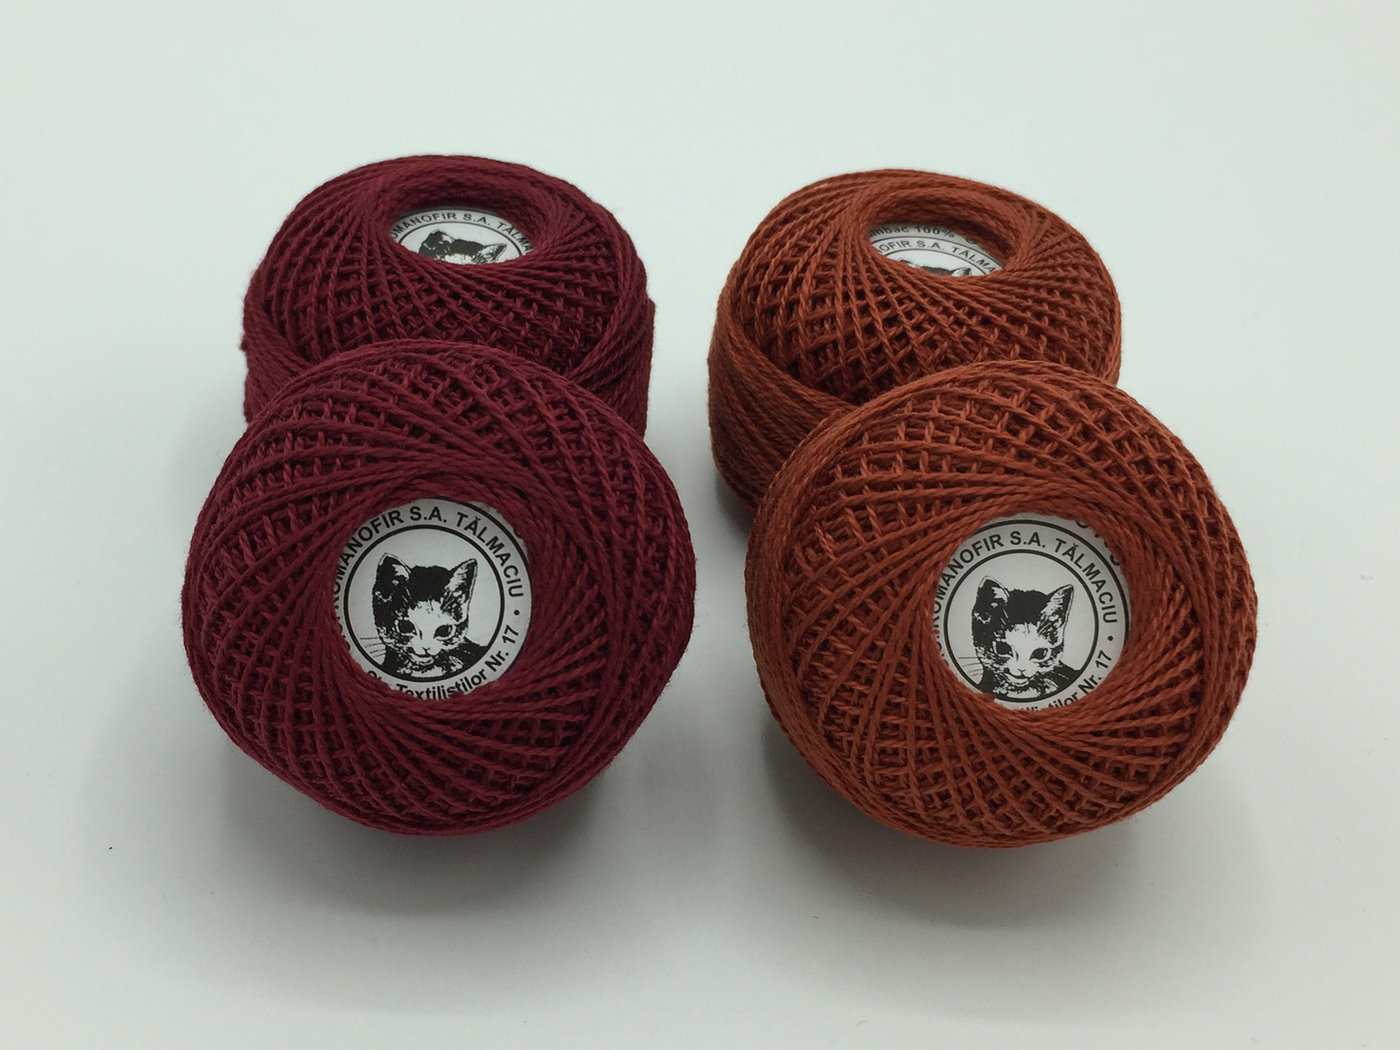 Ata cotton-perle 100% bumbac - Bordo - 10 gheme - Romanofir 20/2